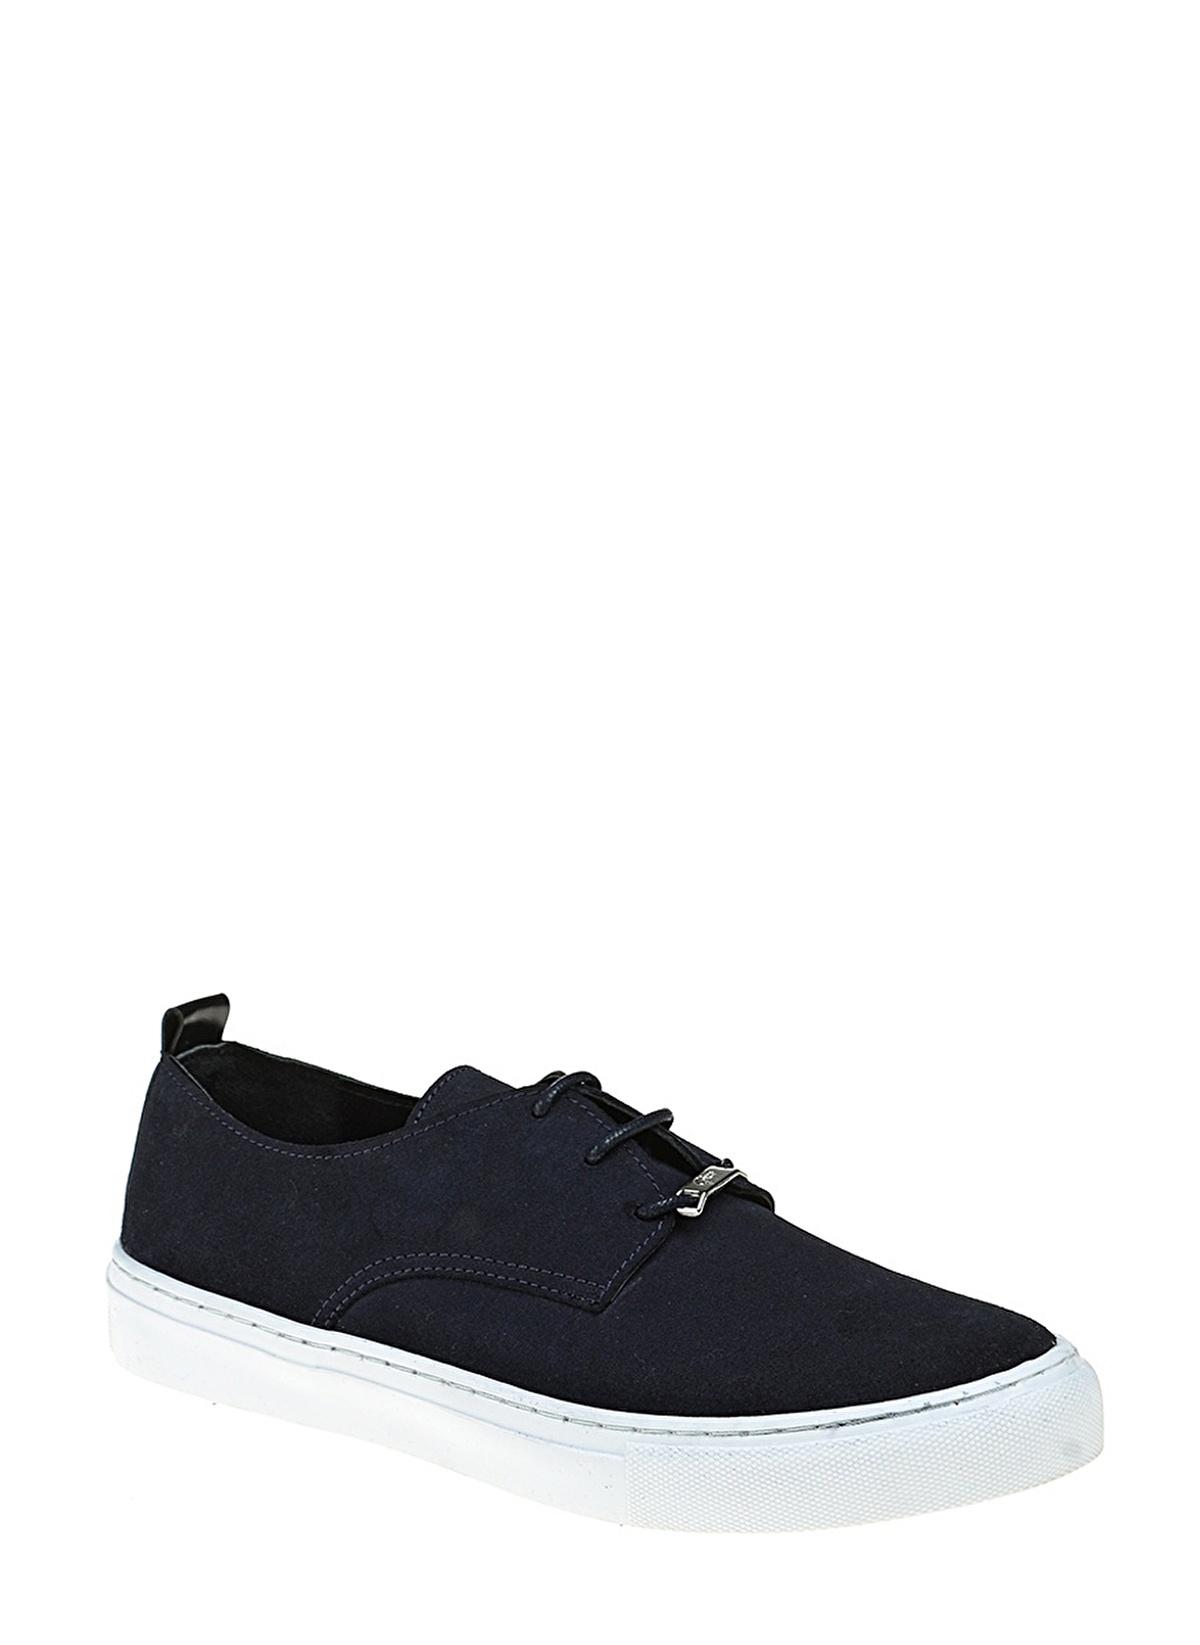 Divarese Lifestyle Ayakkabı 5017123 K Ayakkabı – 129.0 TL